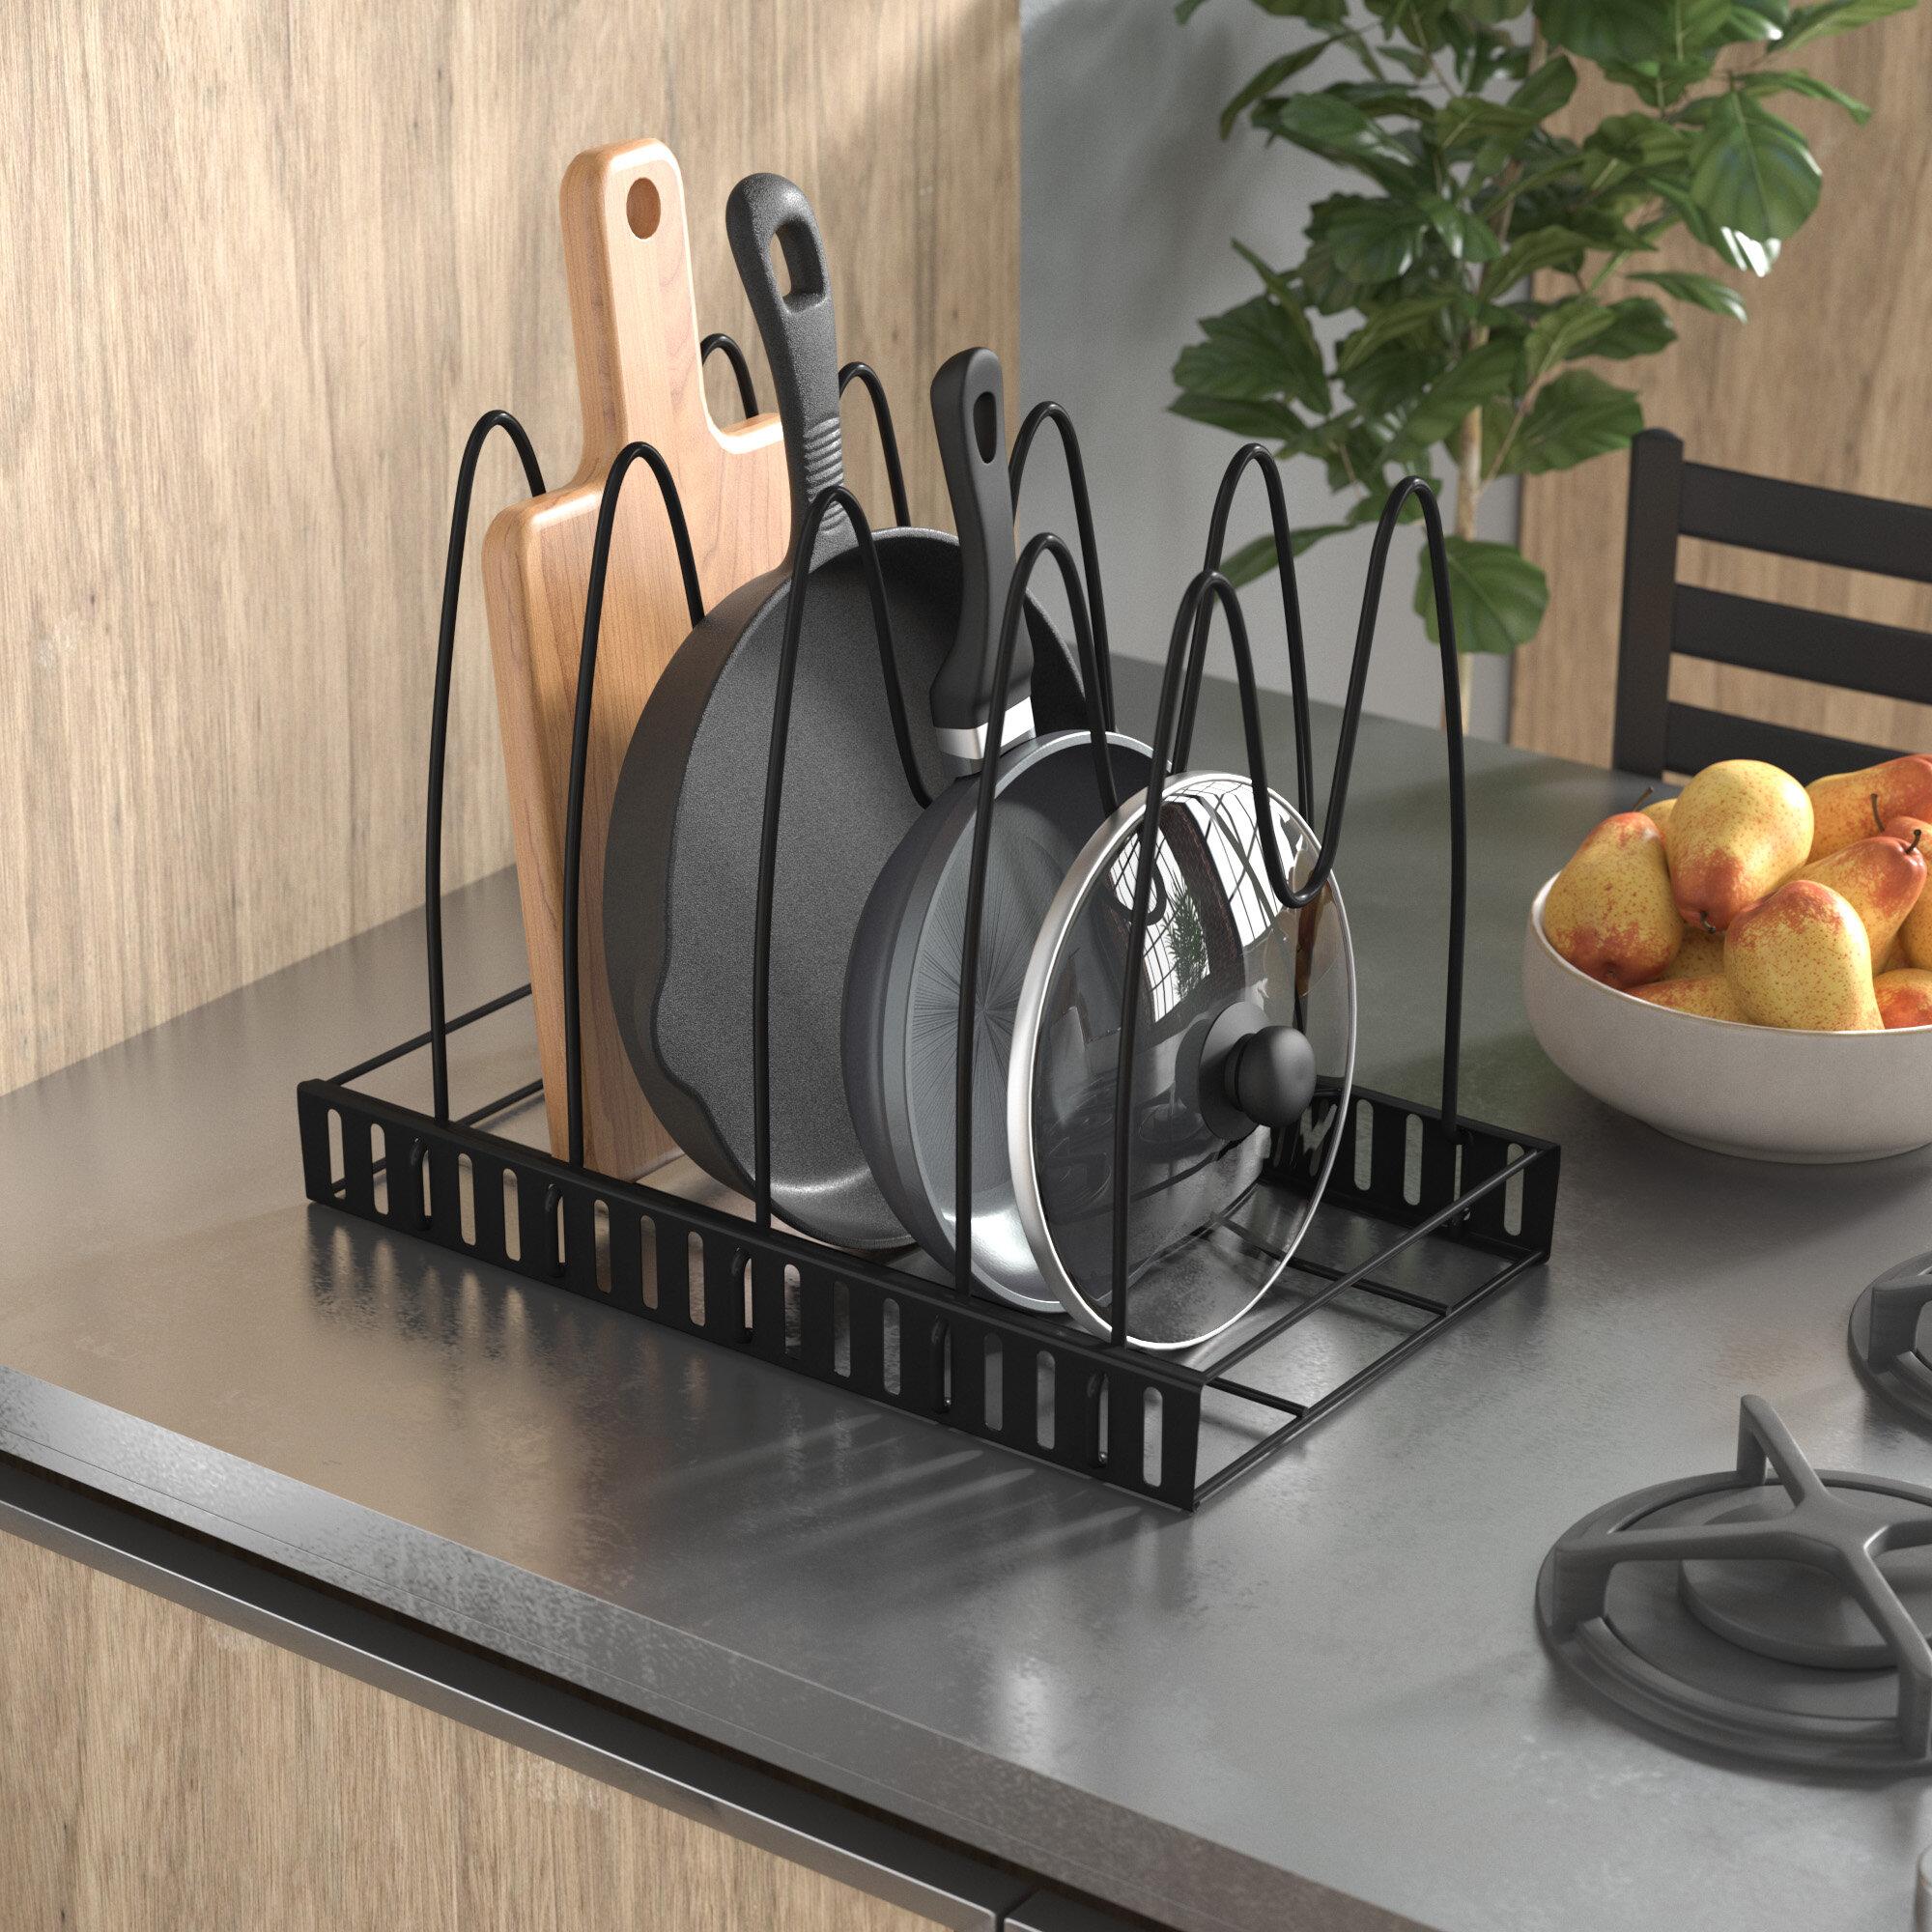 rack pin kitchenreno and mounted pots pans storage pot pan wall diy kitchen mount